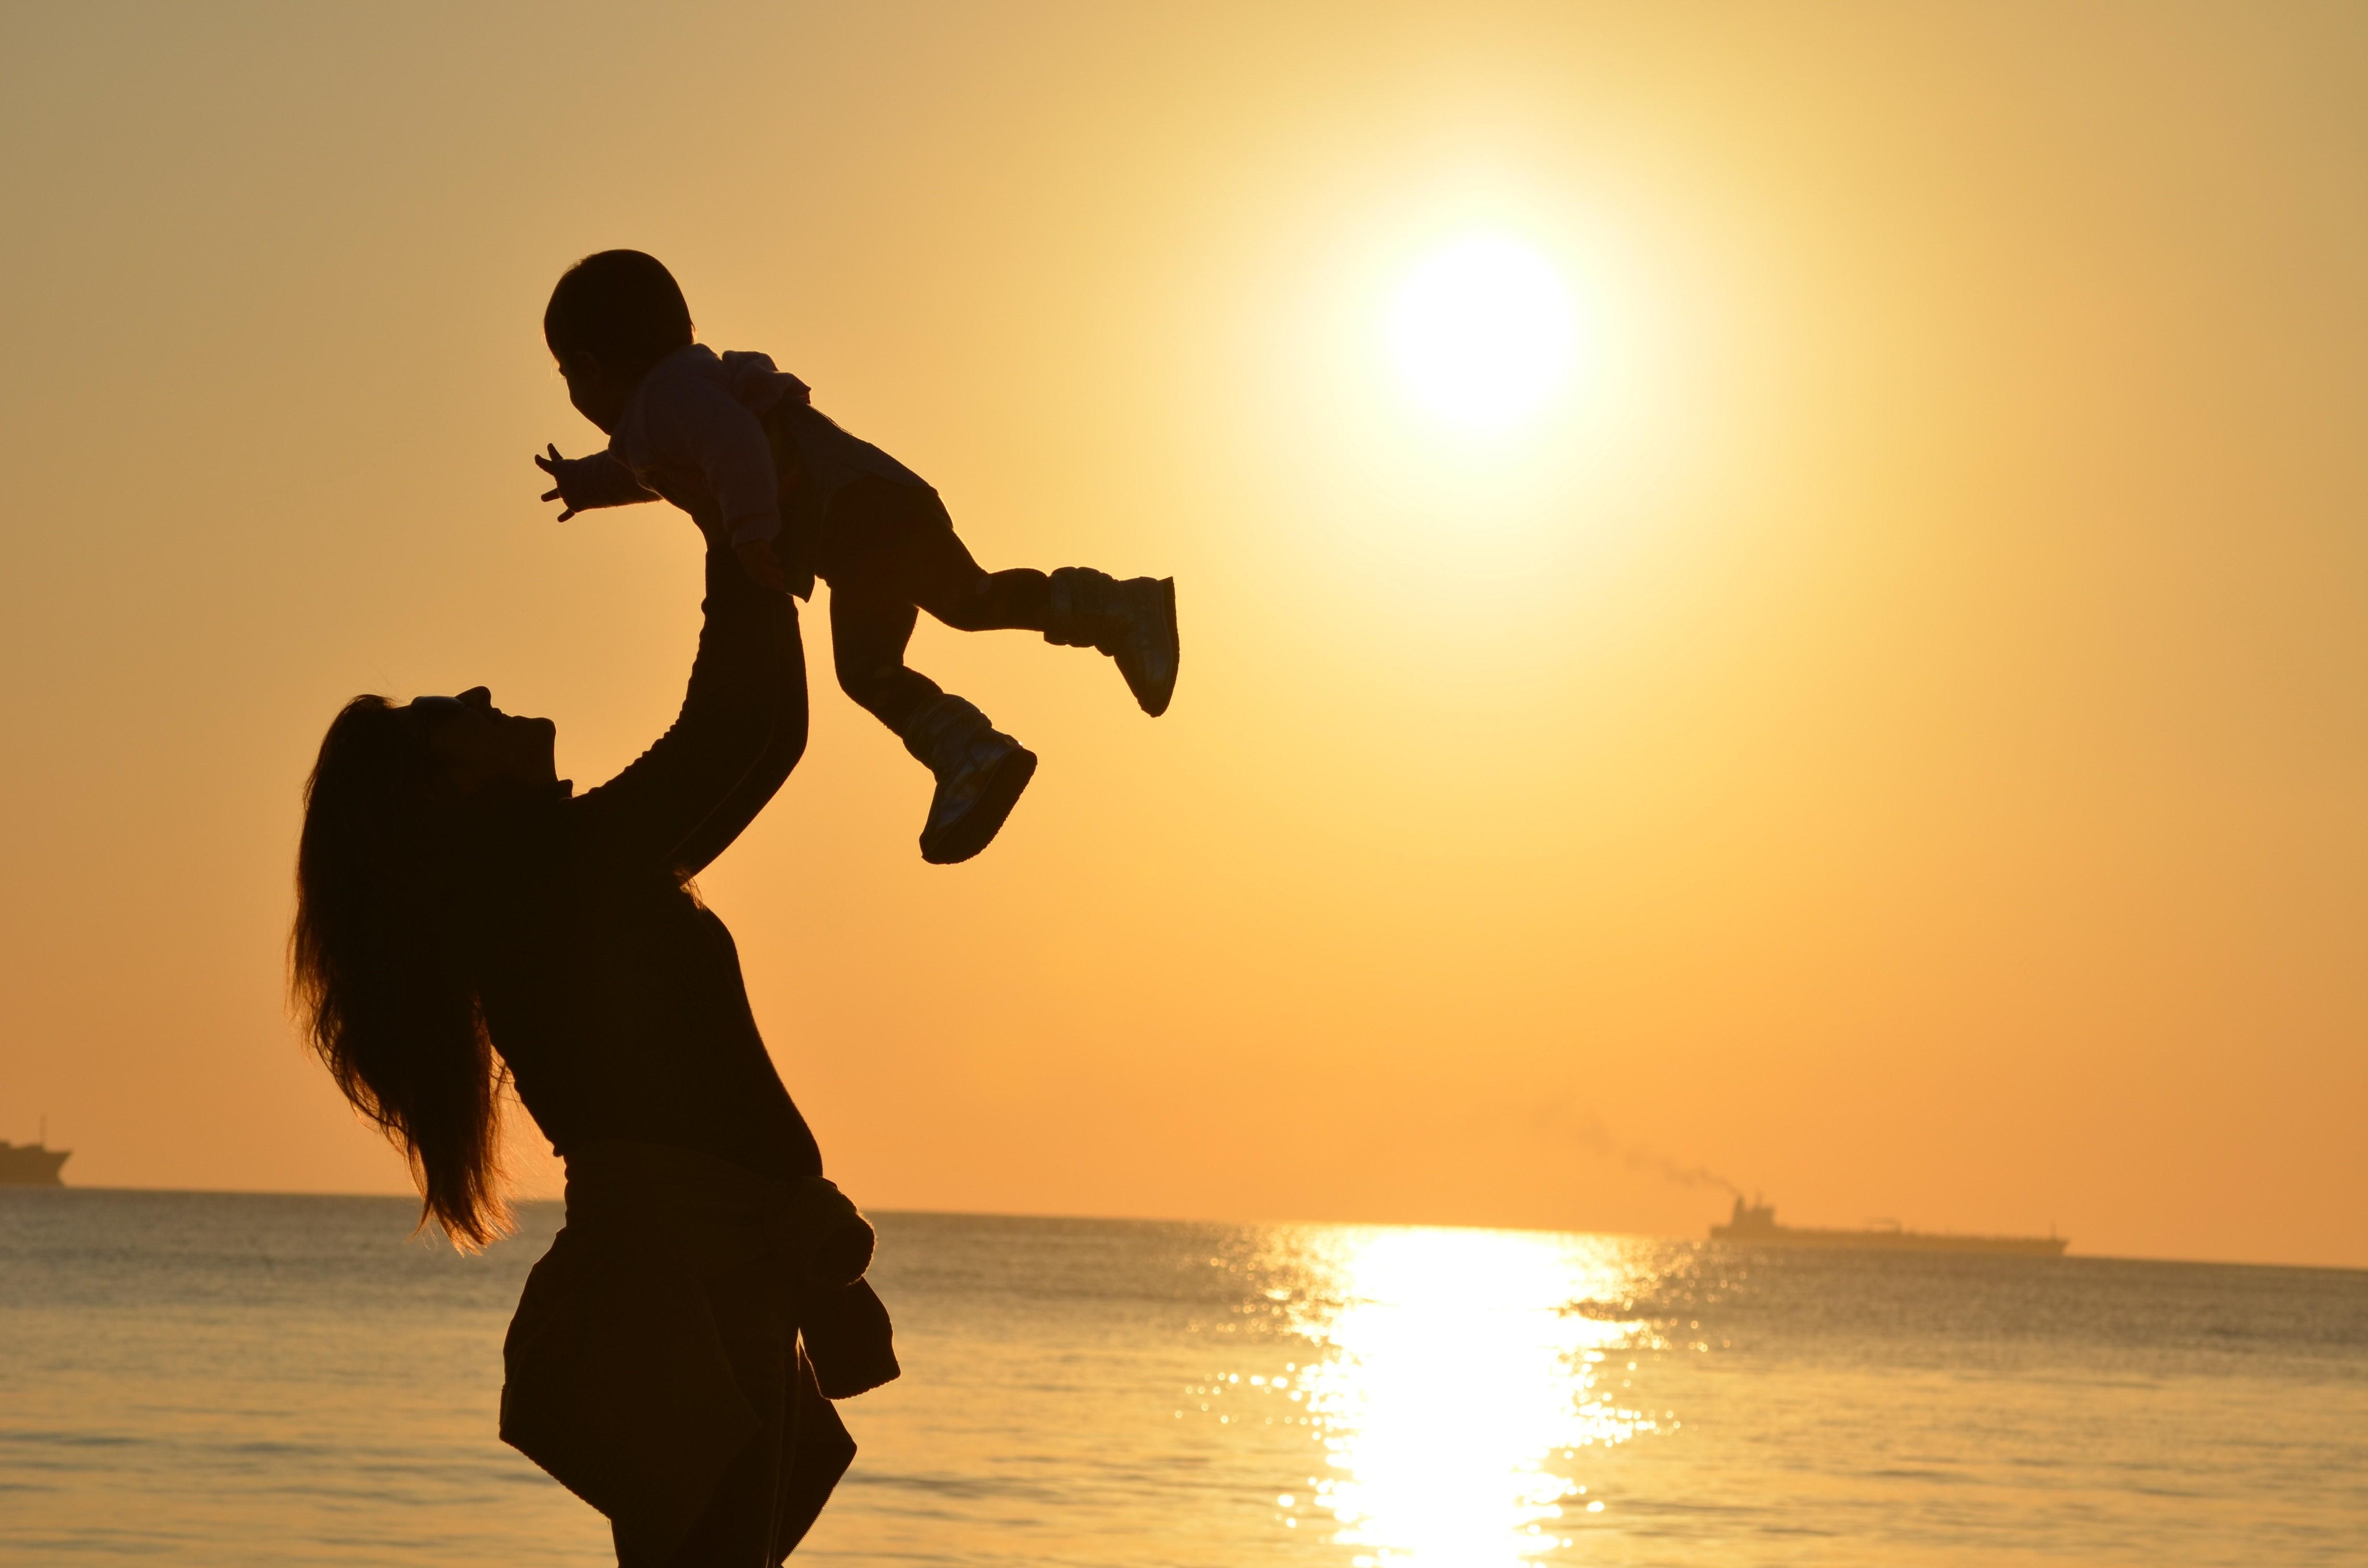 Mãe brinca com filho na praia ao entardecer (Foto: Pixabay/Pexels)